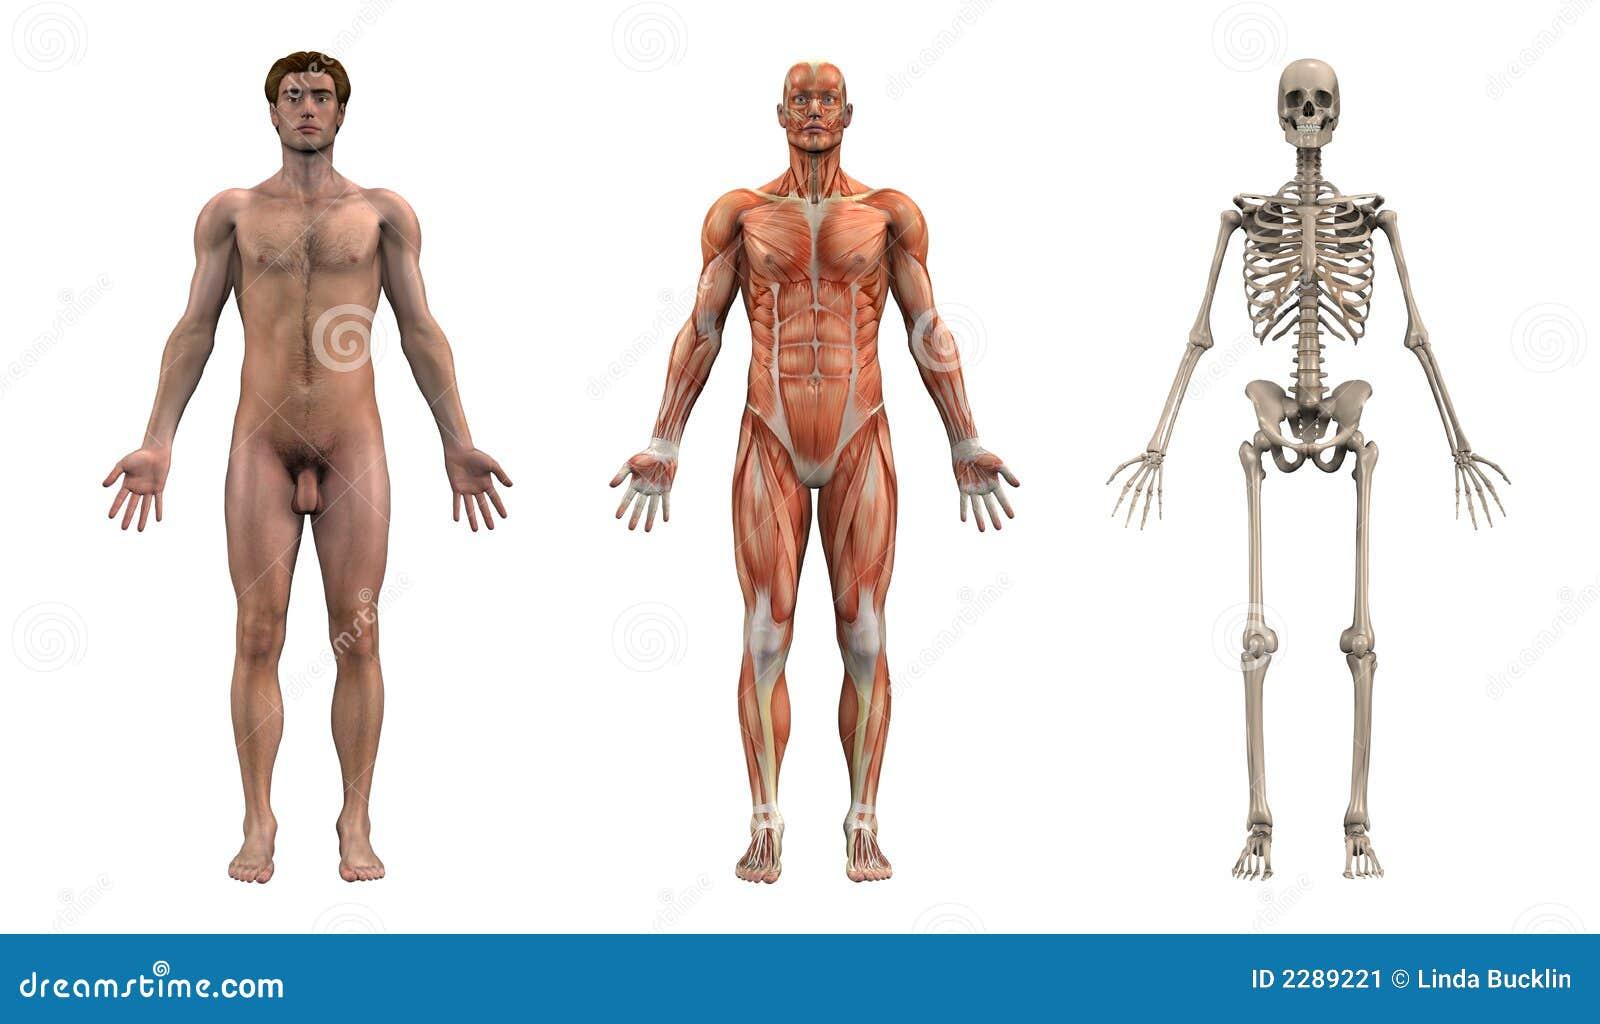 Niedlich Anatomie Des Torsos Weiblich Bilder - Anatomie Ideen ...